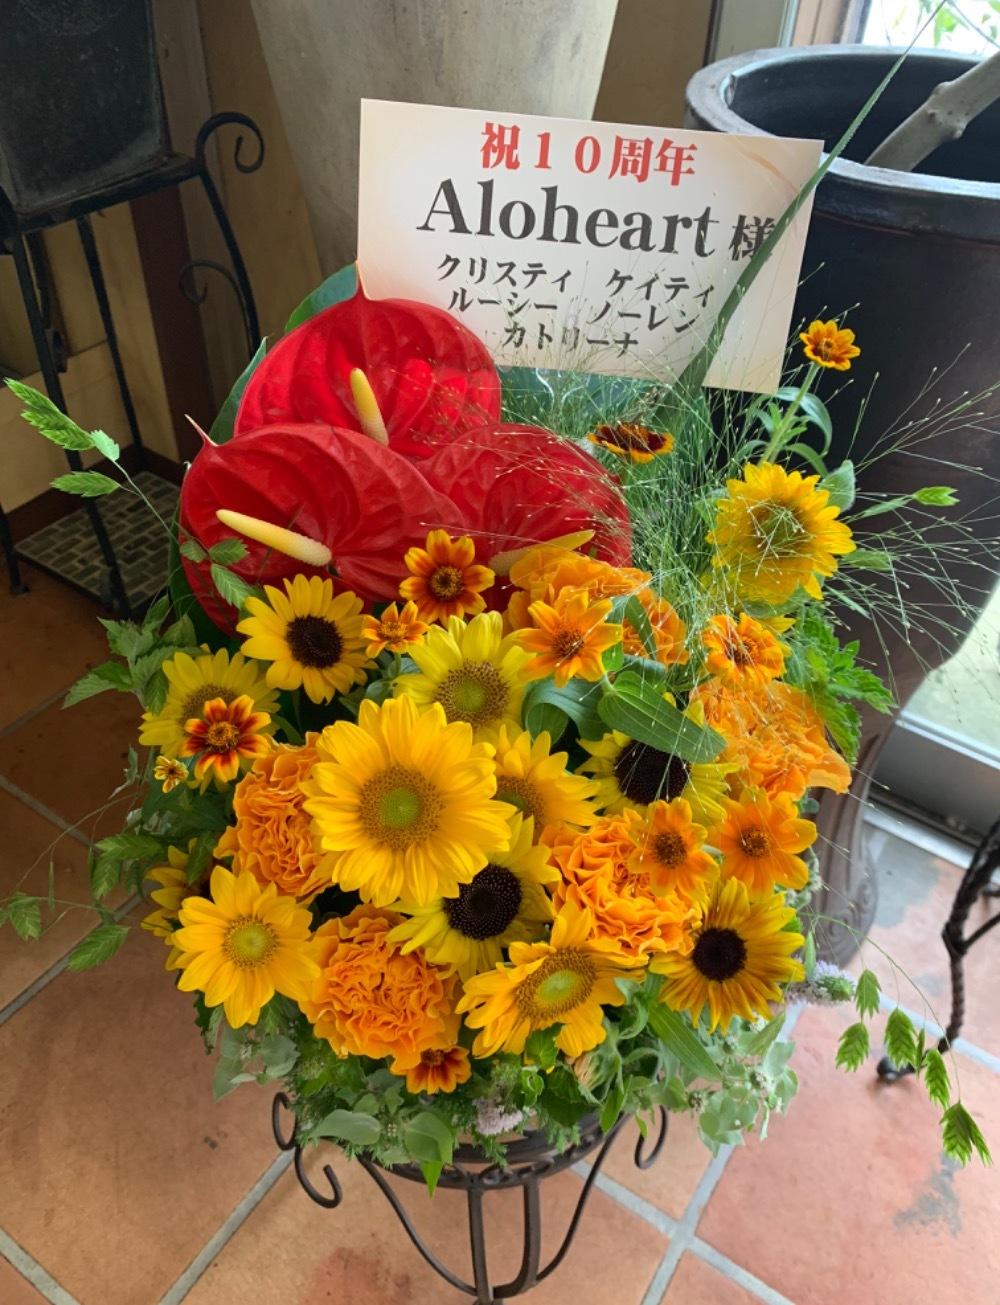 「夏らしくハワイアンを感じられる感じ」フラダンス10周年お祝い花